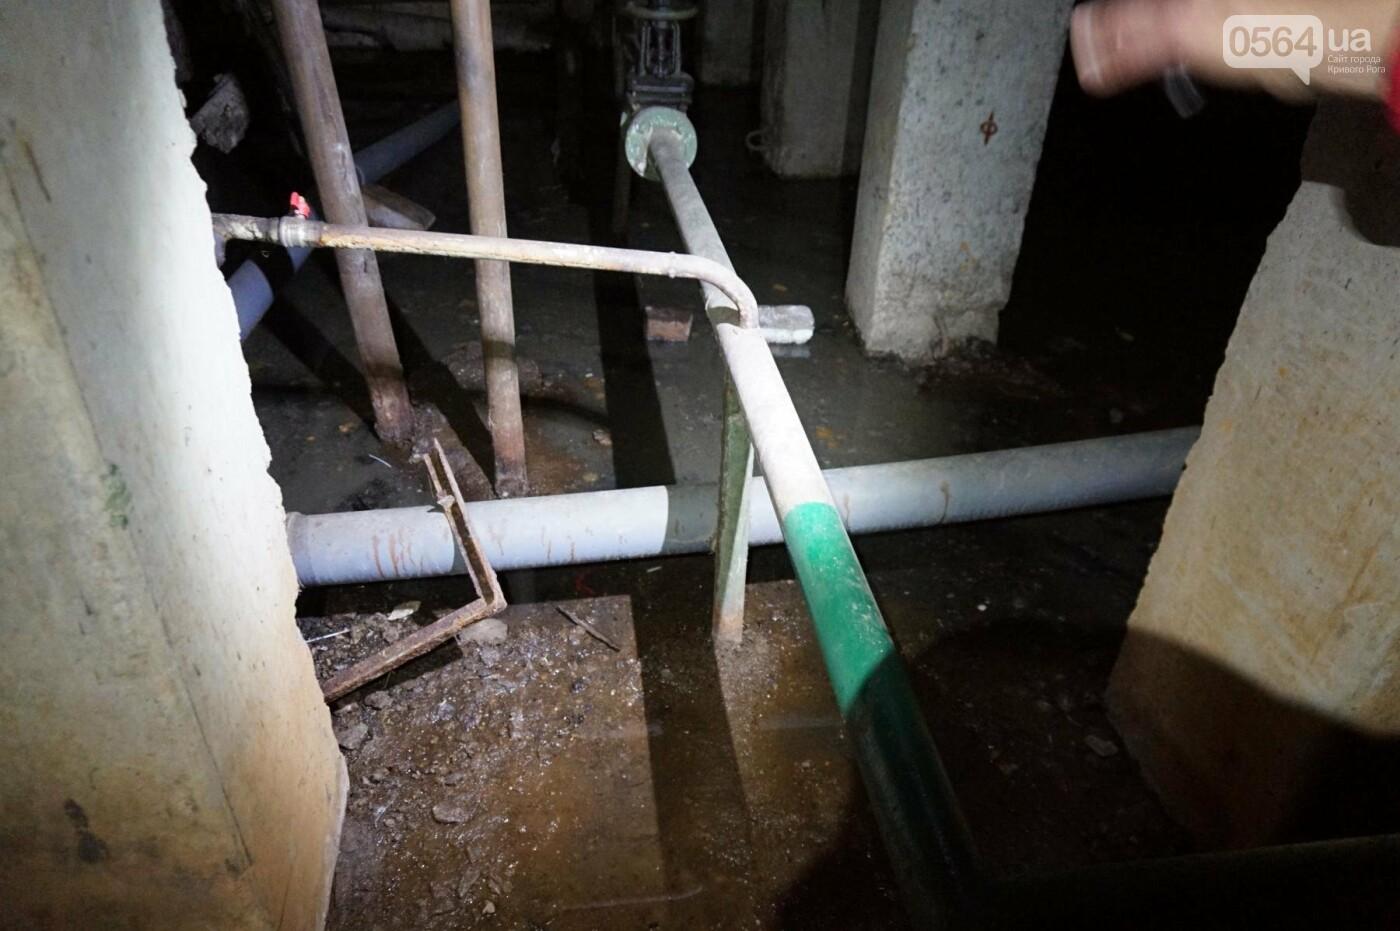 Криворожскую многоэтажку затопило фекалиями (ФОТО, ВИДЕО), фото-6